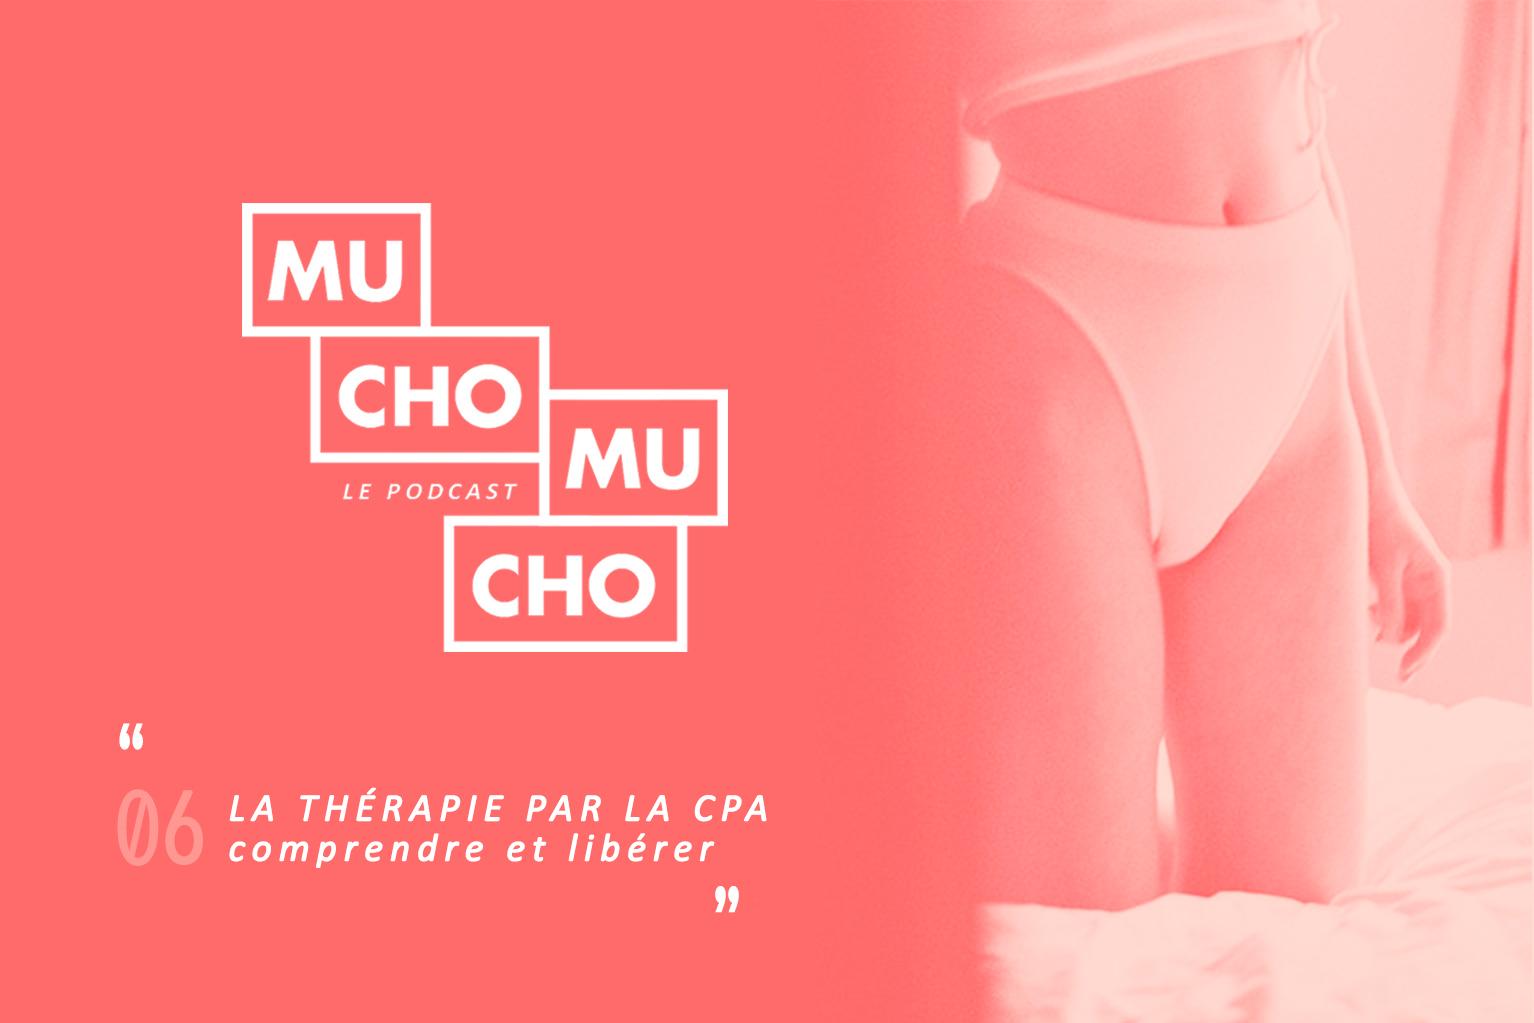 Mucho Mucho #06︱La thérapie par la CPA : comprendre et libérer